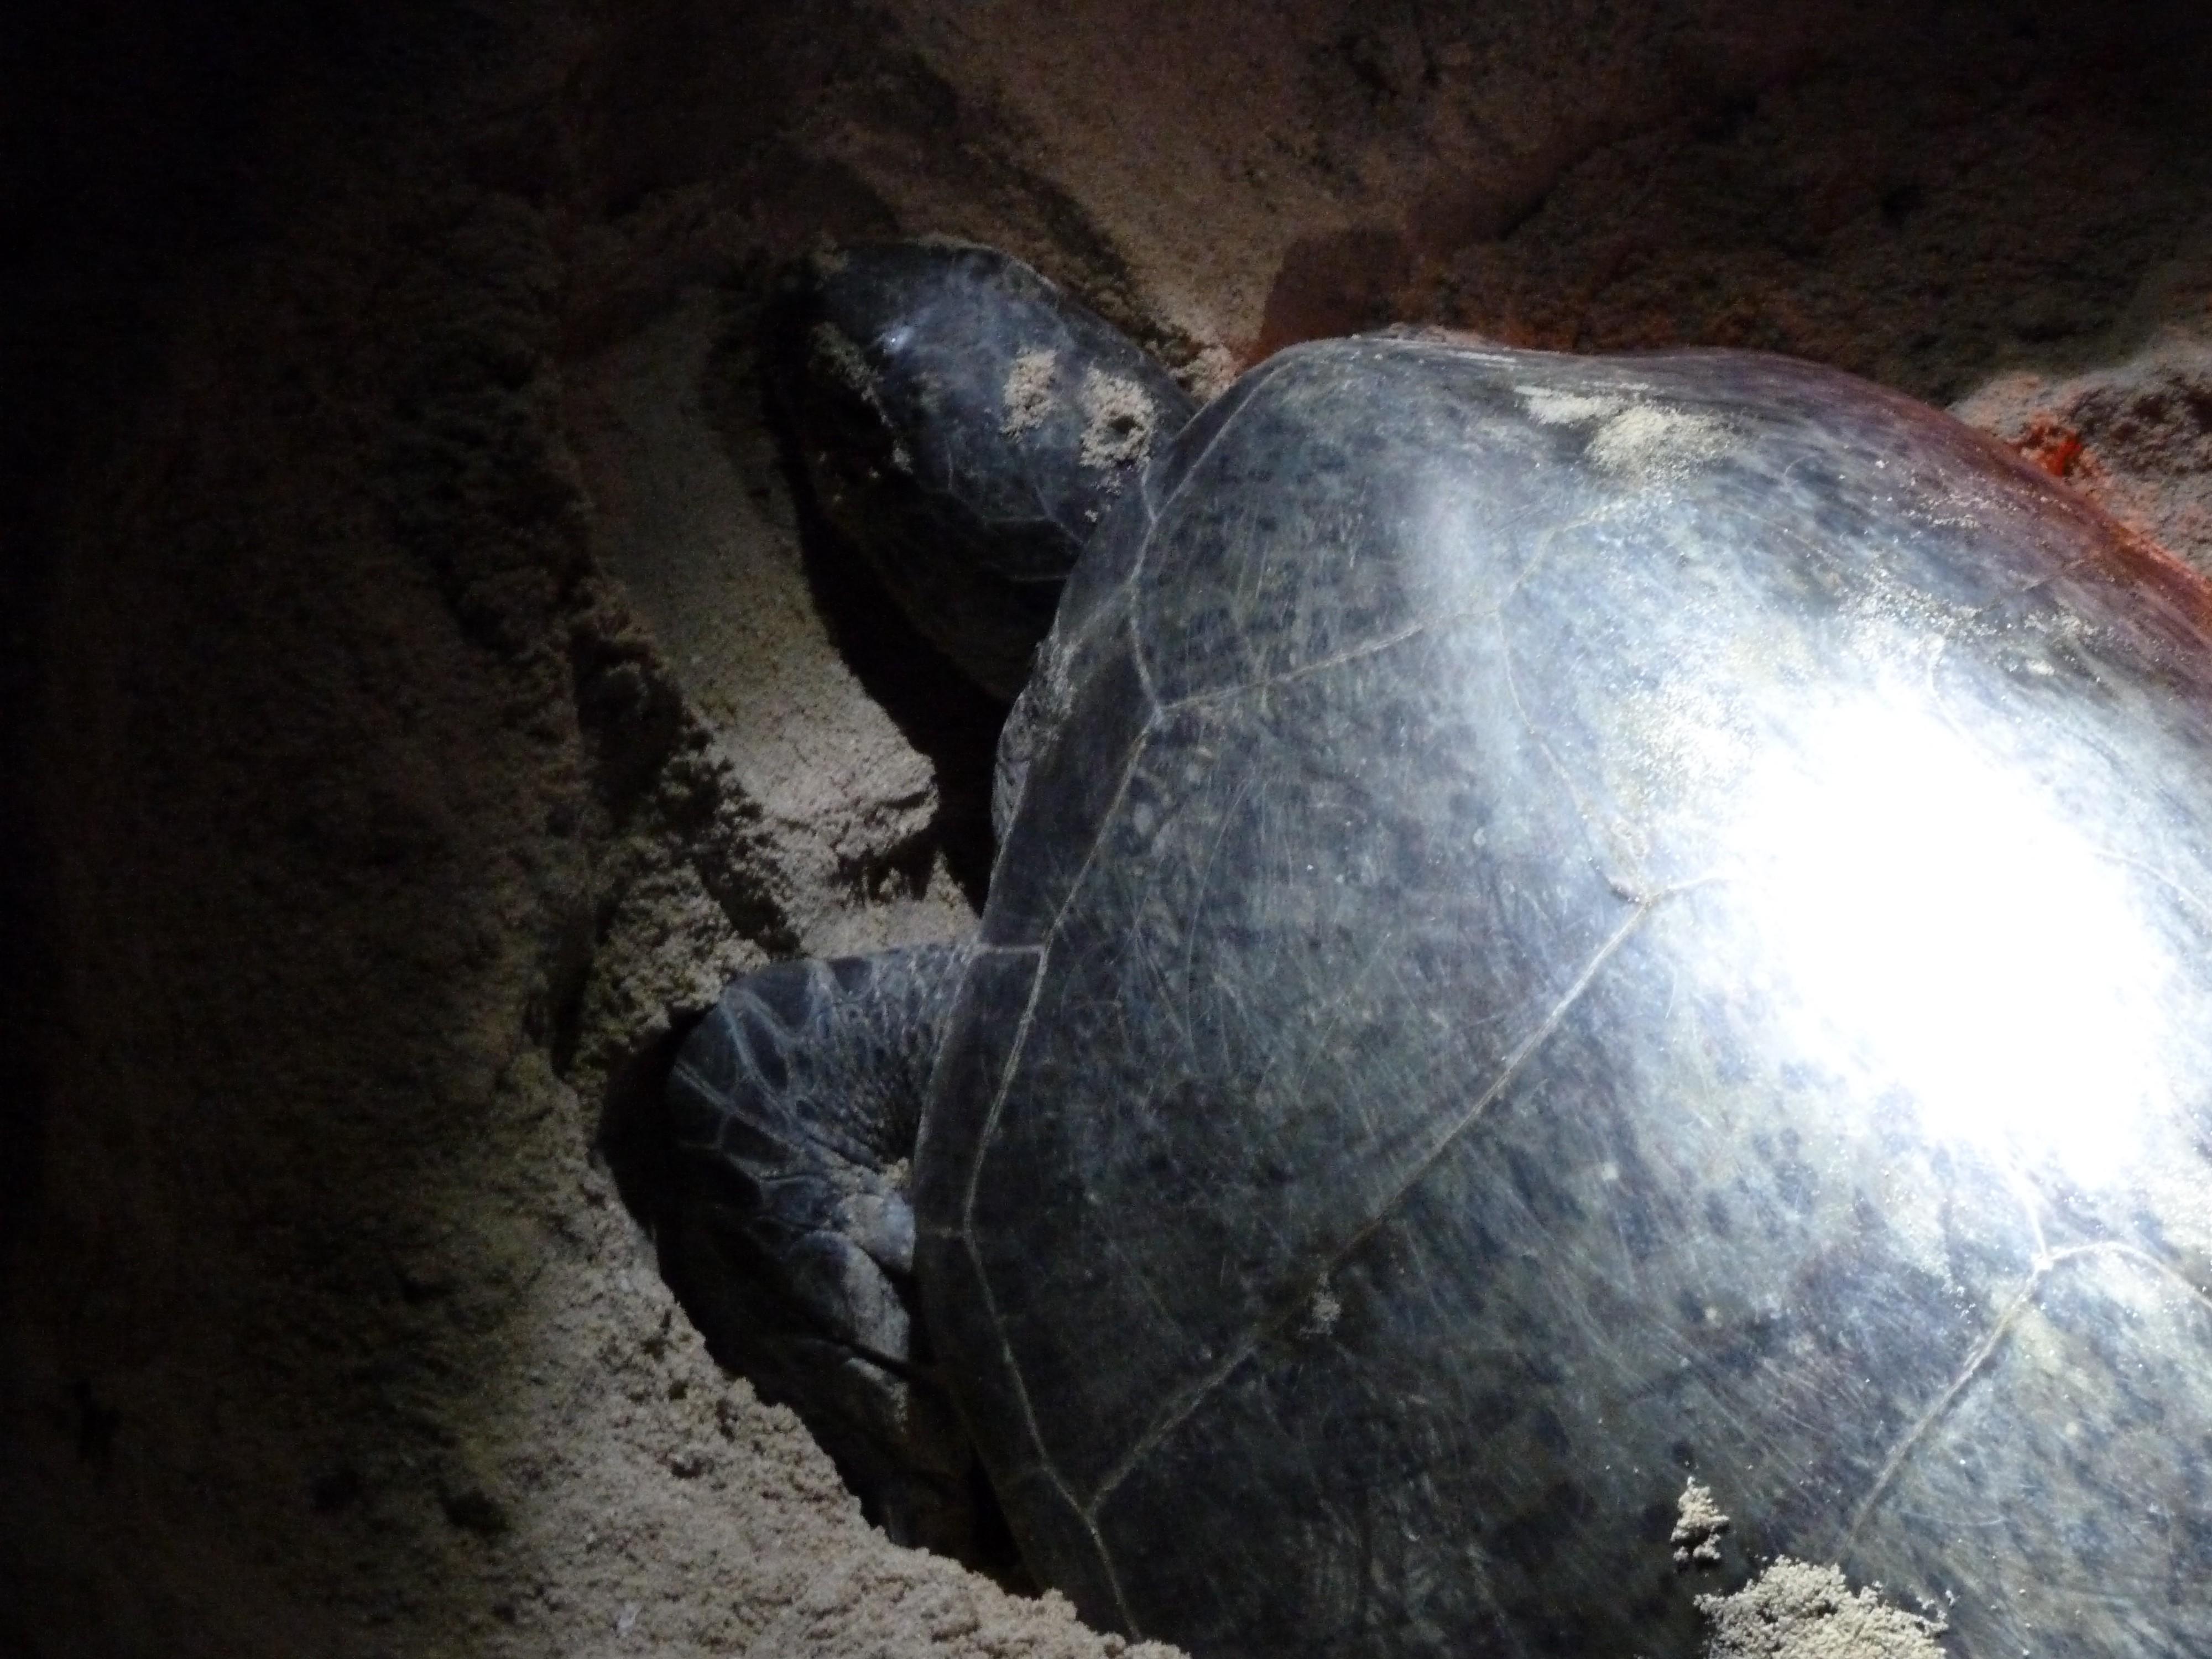 Bevalling van een schildpad